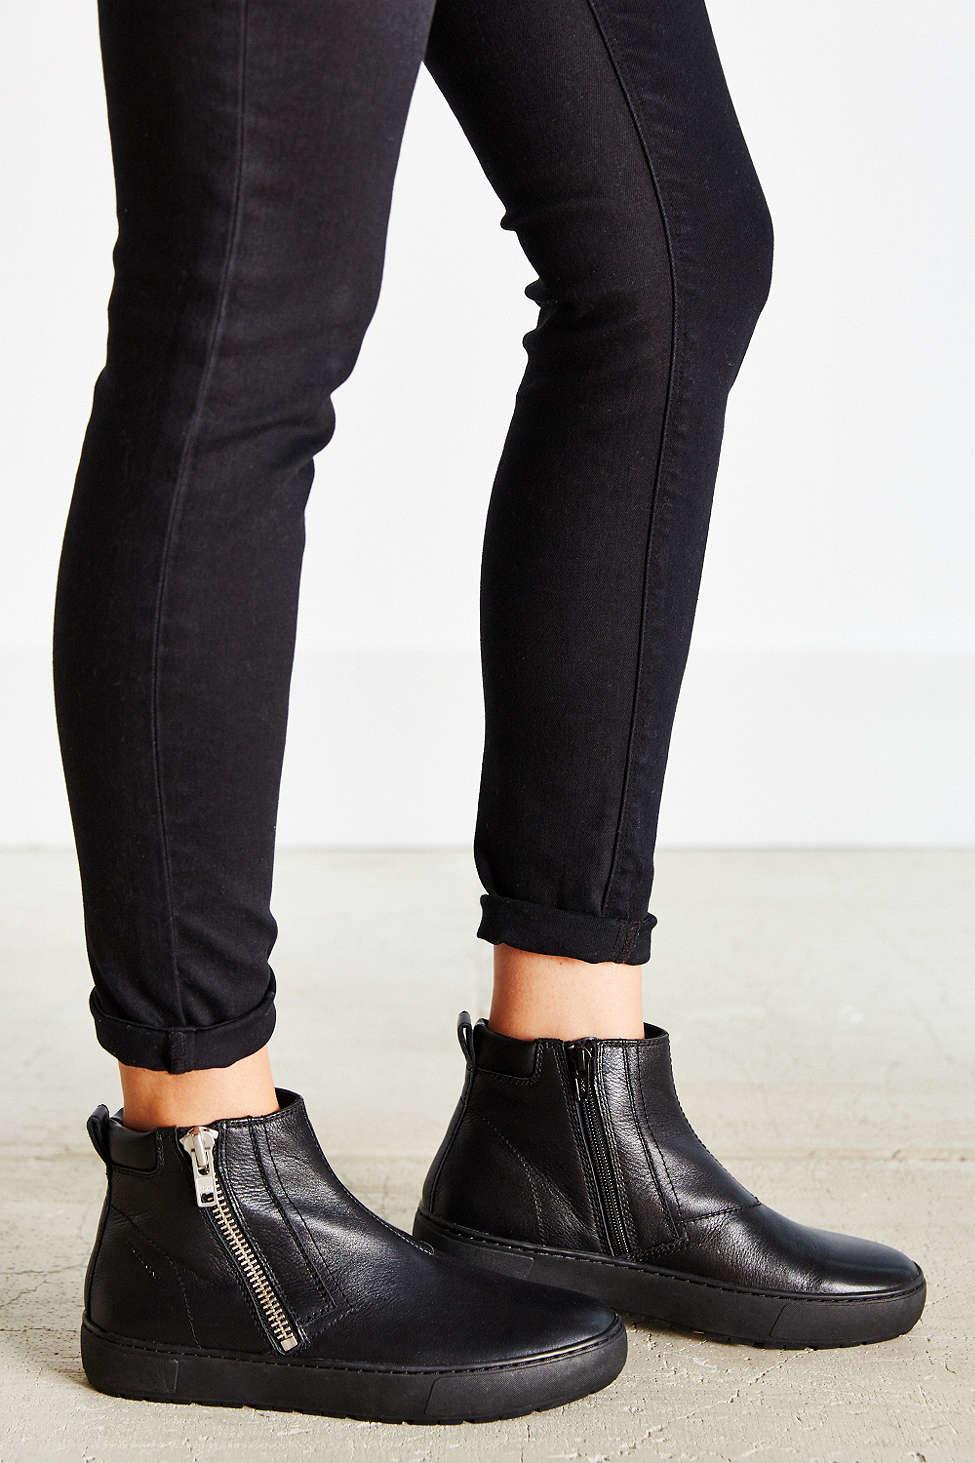 vagabond bree flatform ankle boot in black lyst. Black Bedroom Furniture Sets. Home Design Ideas